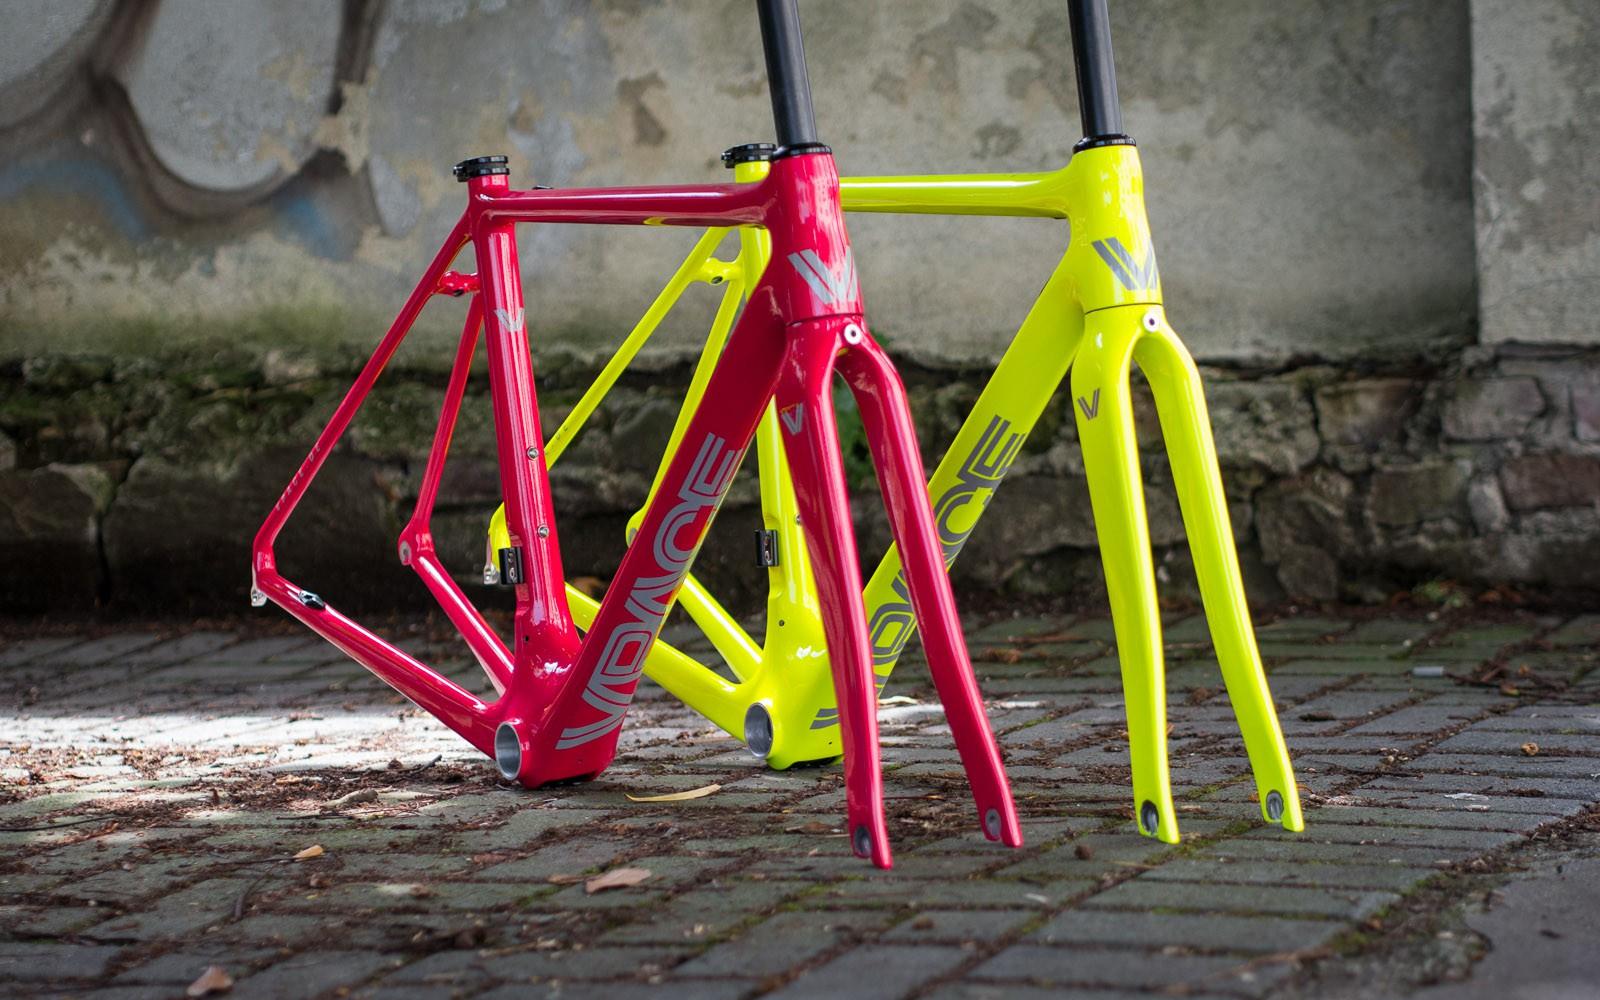 vpace c1rxs Rennrad für Kleine